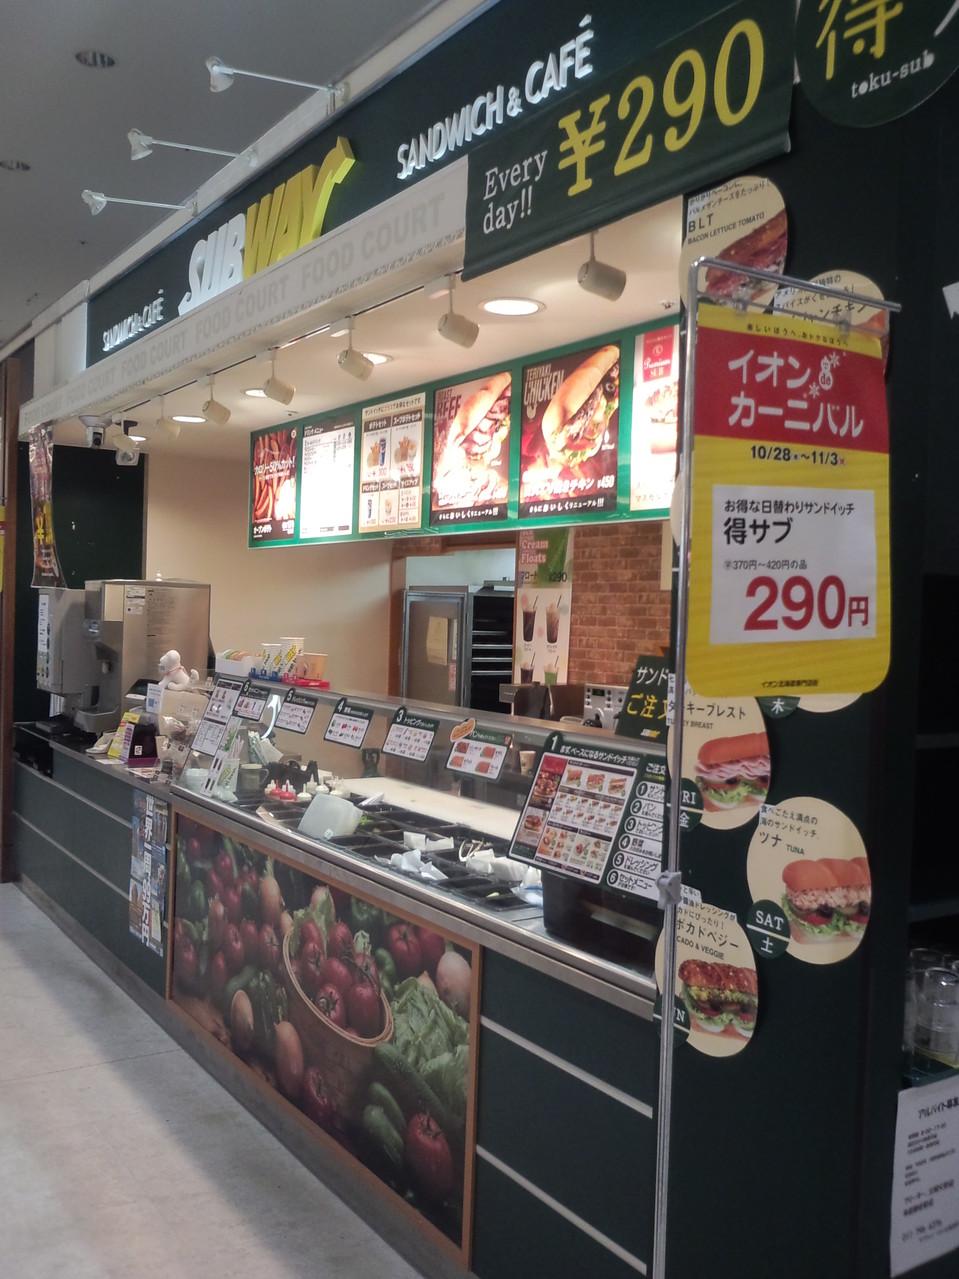 サブウェイ イオン札幌桑園店